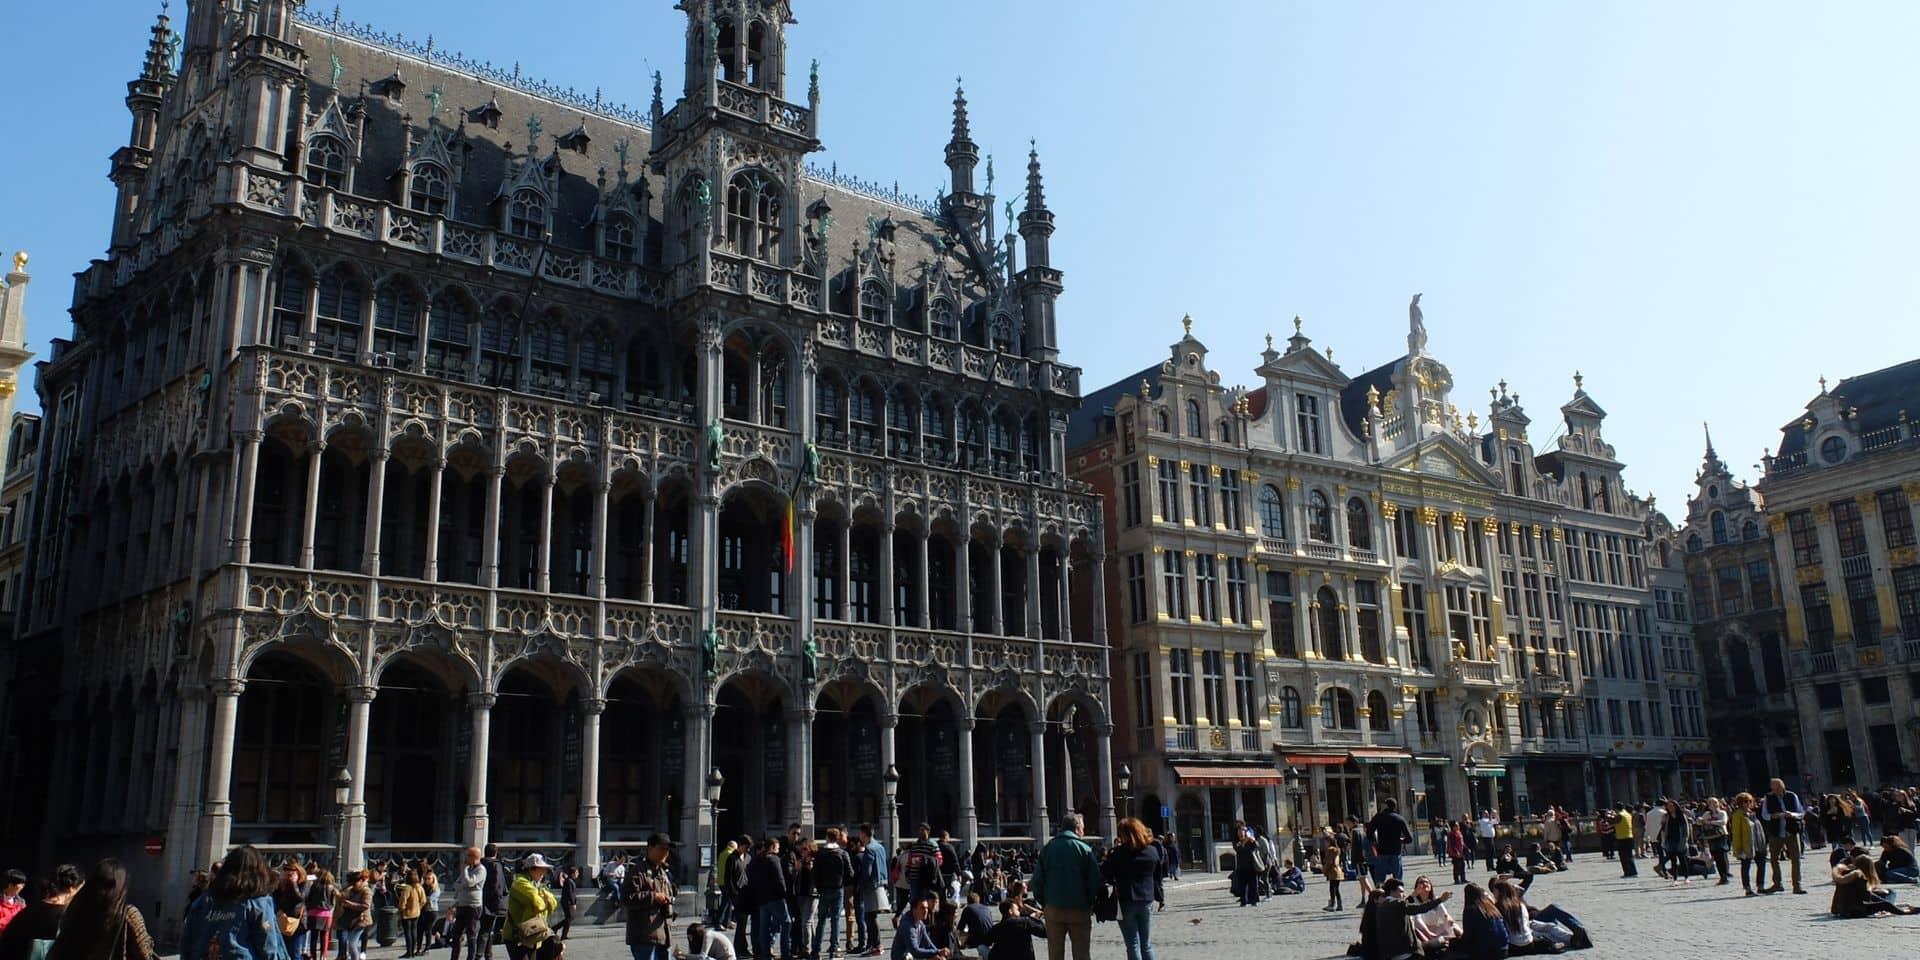 L'hôtel de ville de Bruxelles s'illuminera de vert samedi pour l'environnement